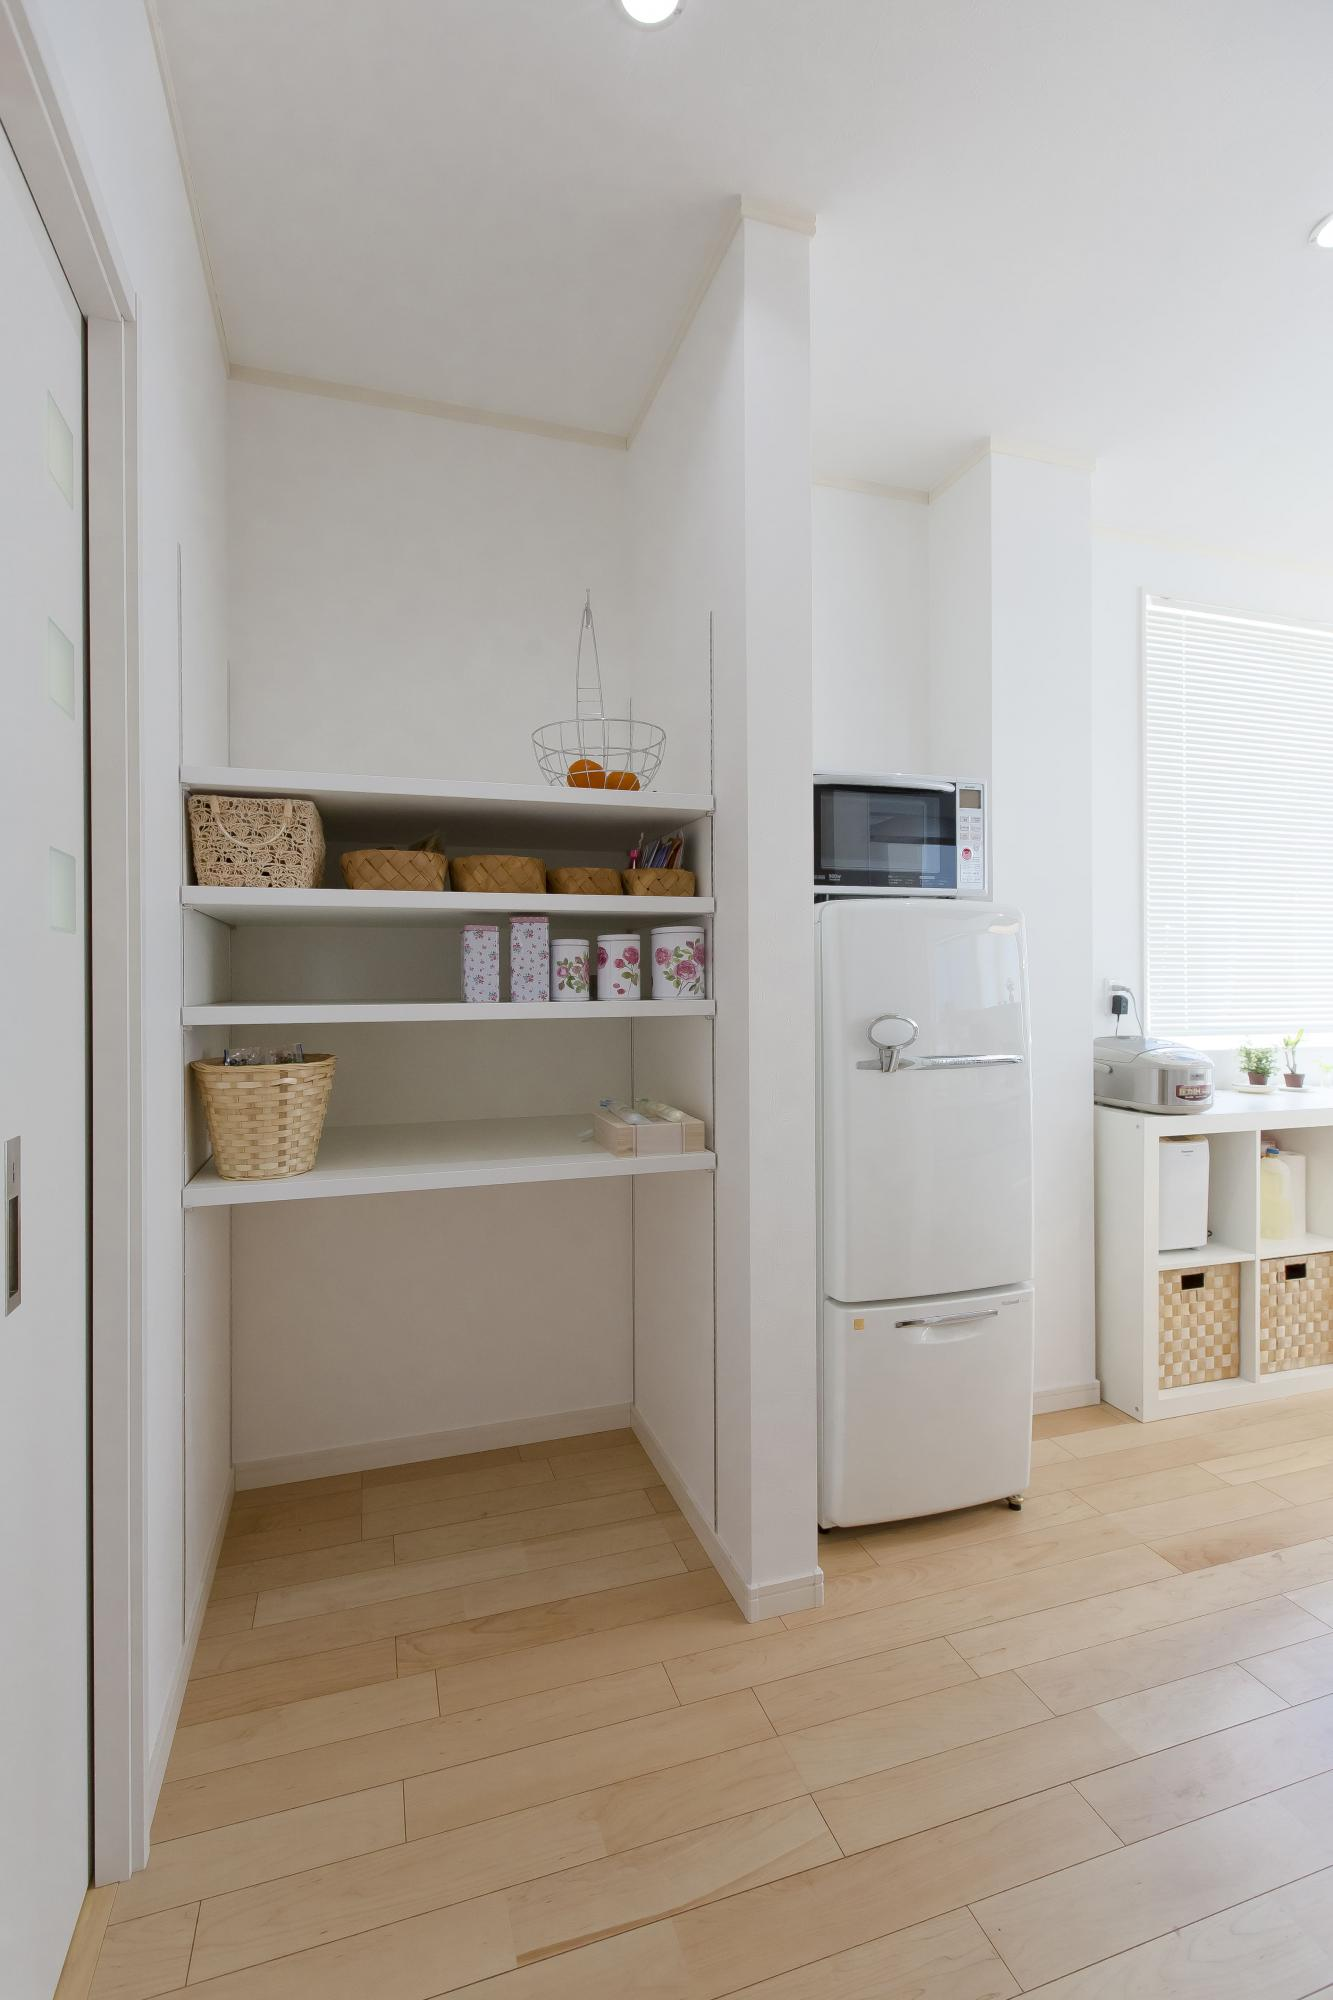 キッチン横にはパントリーを設けた。食品のストックやゴミ箱の収納場所などとして、多目的に使える。